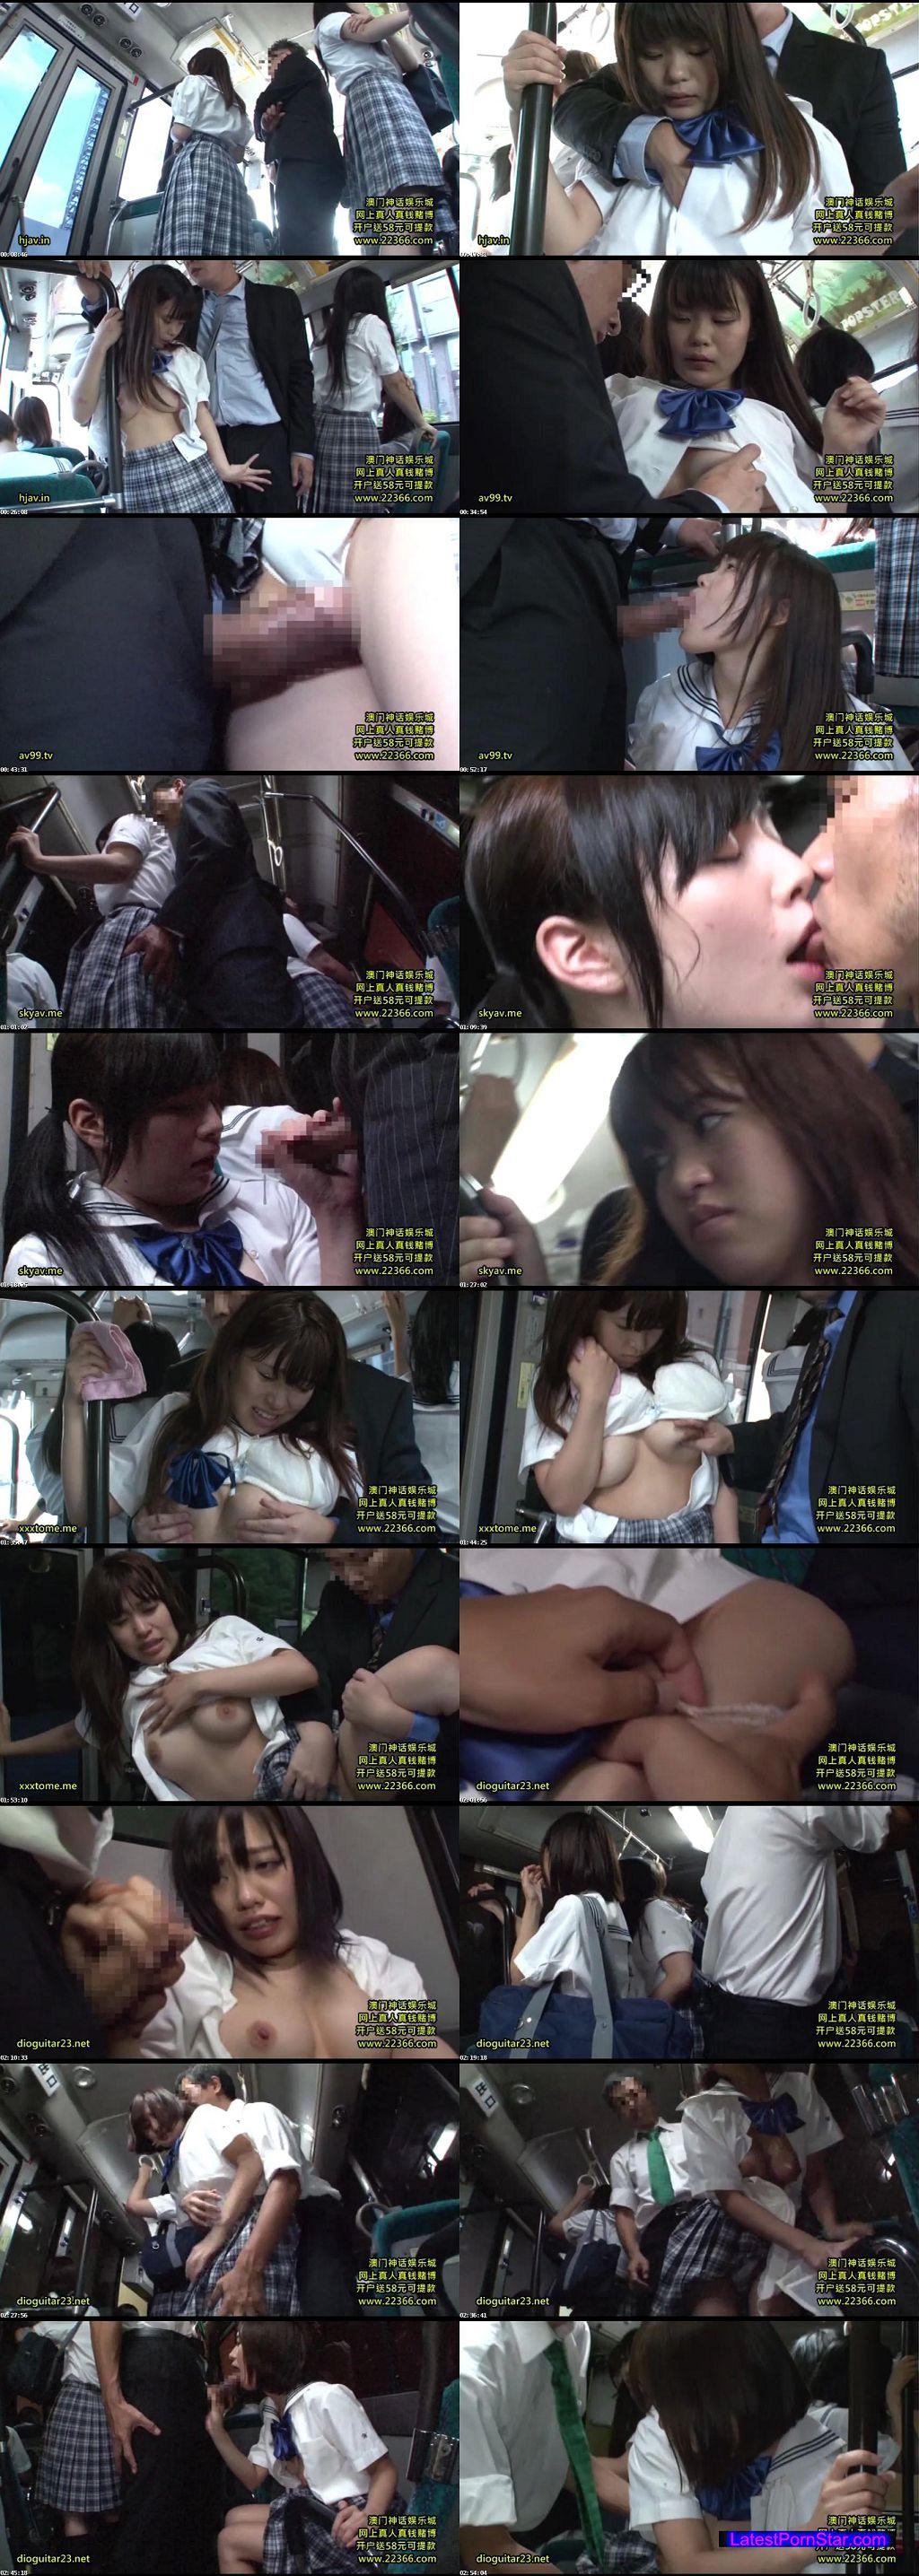 [DANDY-453] 「間違えたフリして女子校通学バスに乗り込んでヤられた」 これで発育途上!?制服では隠しきれないおっぱい女子校生Ver.